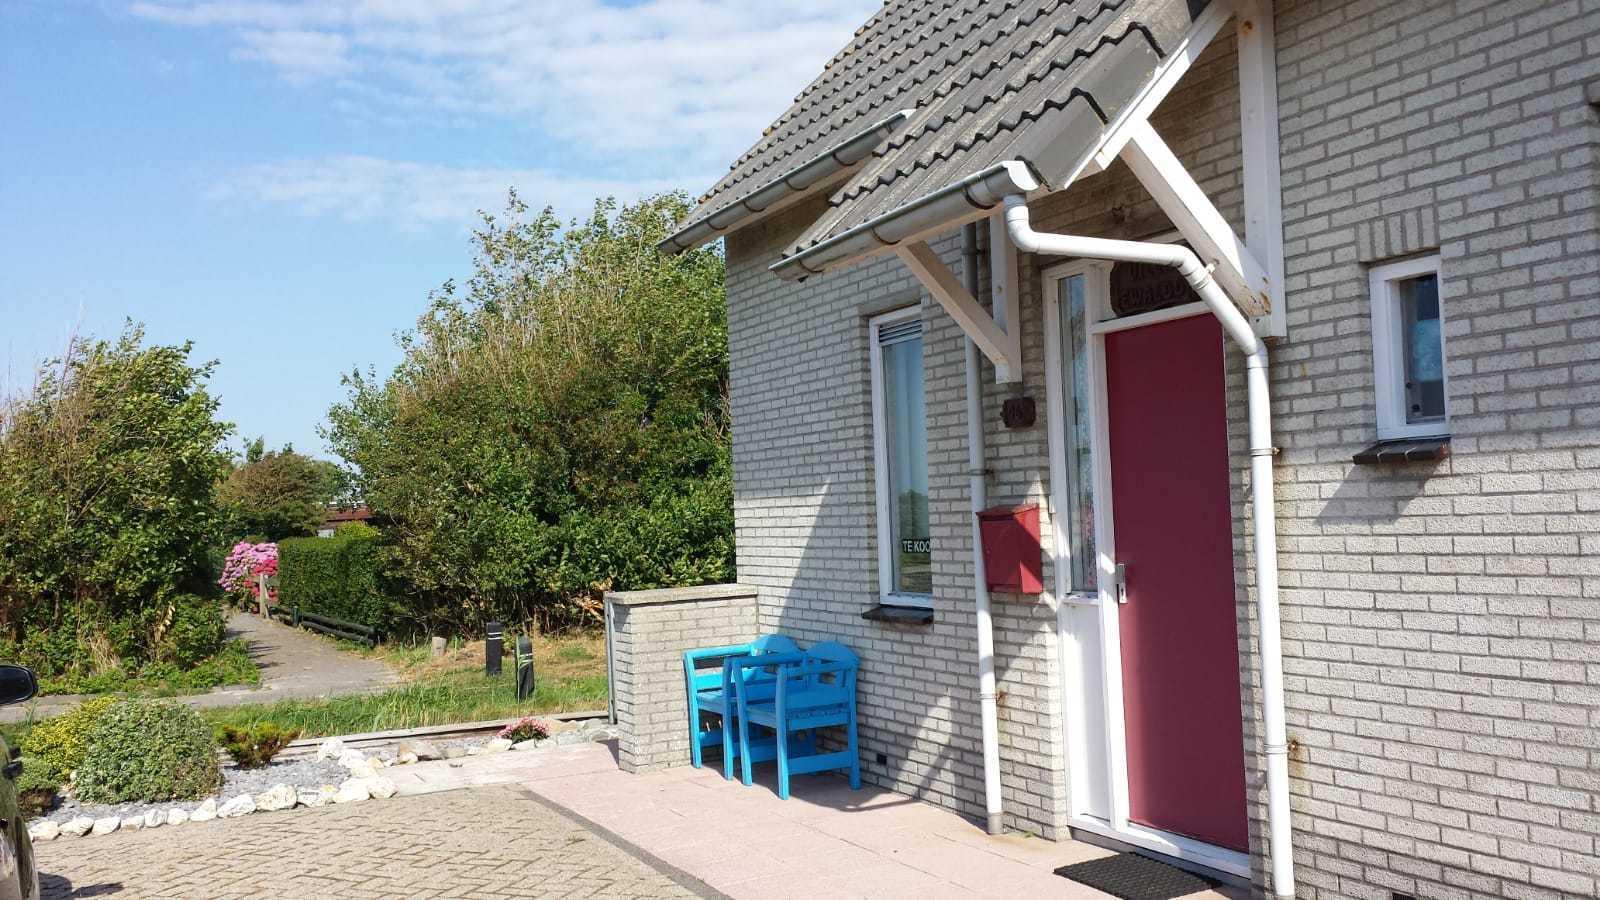 Schönes gepflegtes Ferienhaus in NordHolland/Callantsoog, Strandnähe